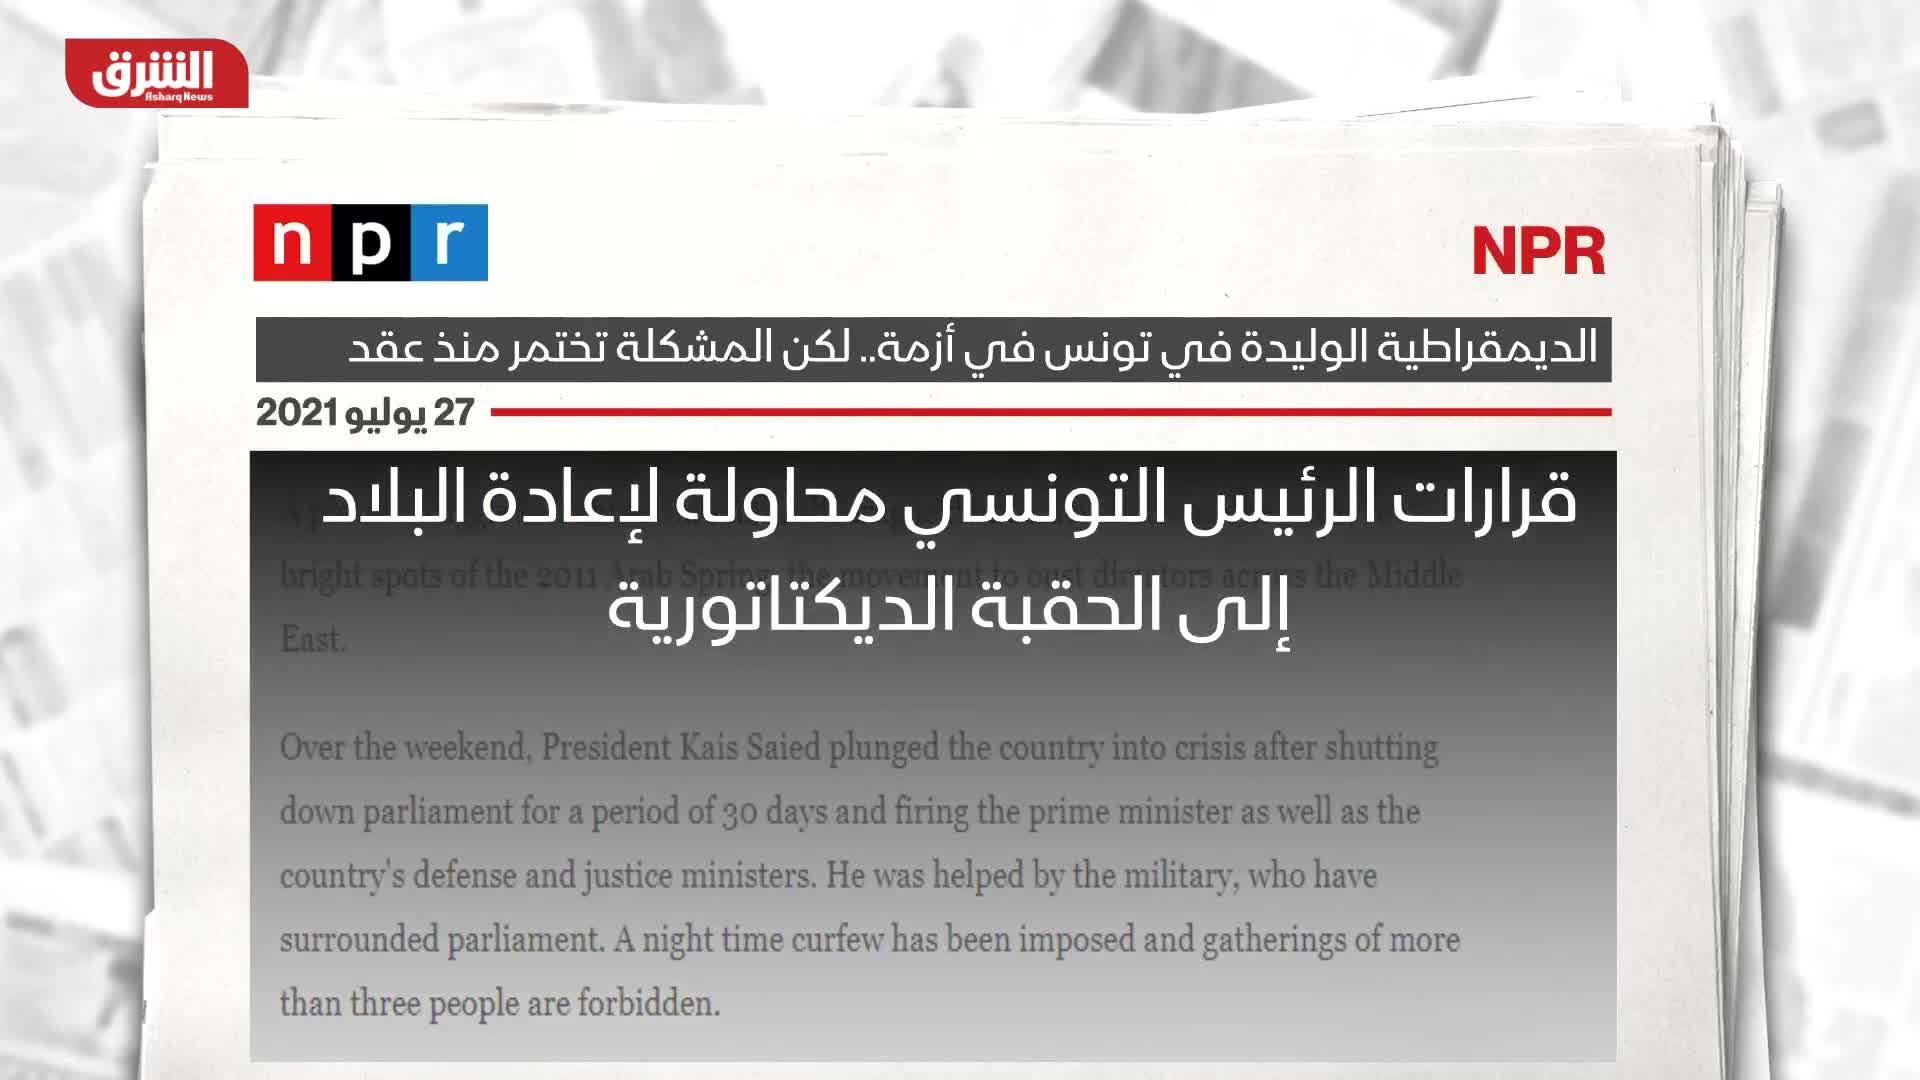 NPR: الديمقراطية الوليدة بتونس في أزمة.. لكن المشكلة تختمر منذ عقود